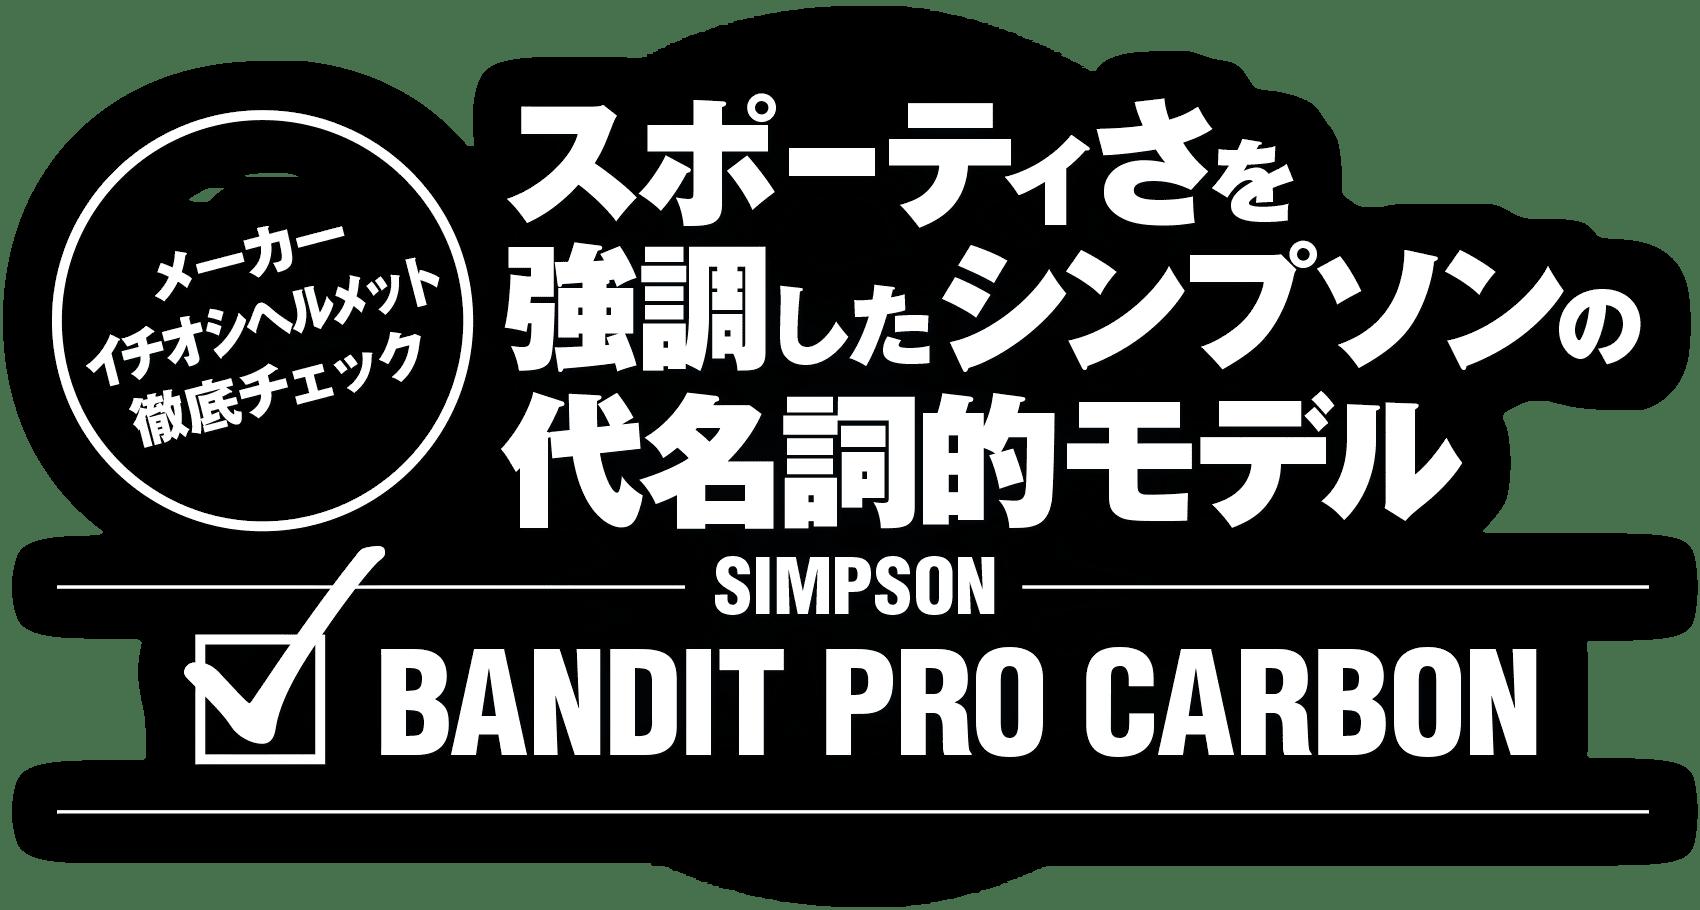 """スポーティさを強調したシンプソンの代名詞的モデル """"SIMPSON BANDIT PRO CARBON"""""""